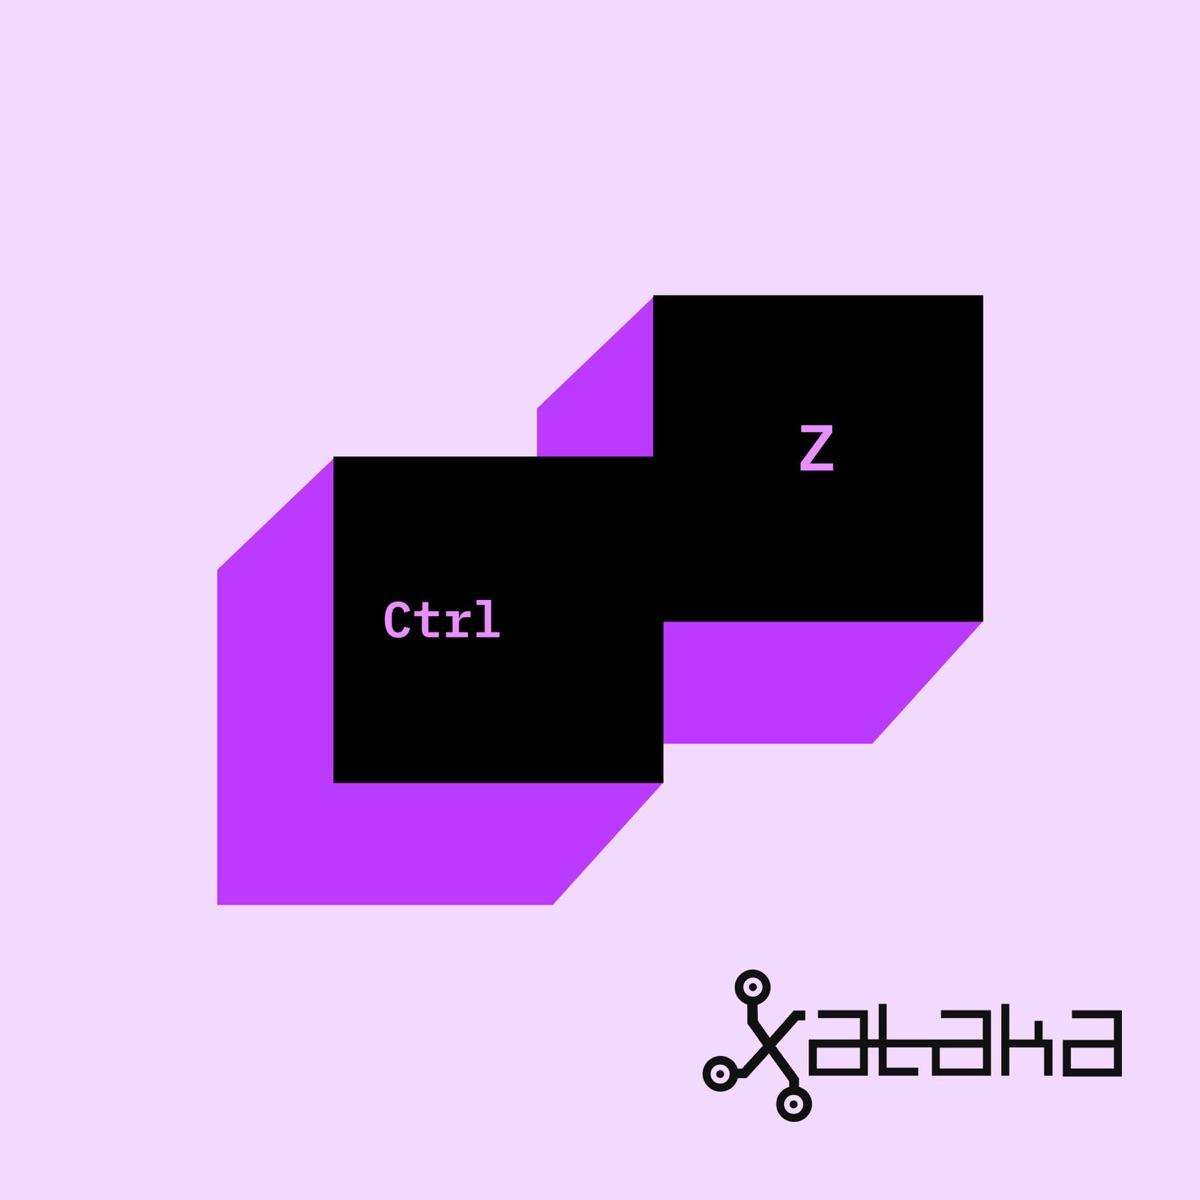 Ctrl Z (by Xataka)